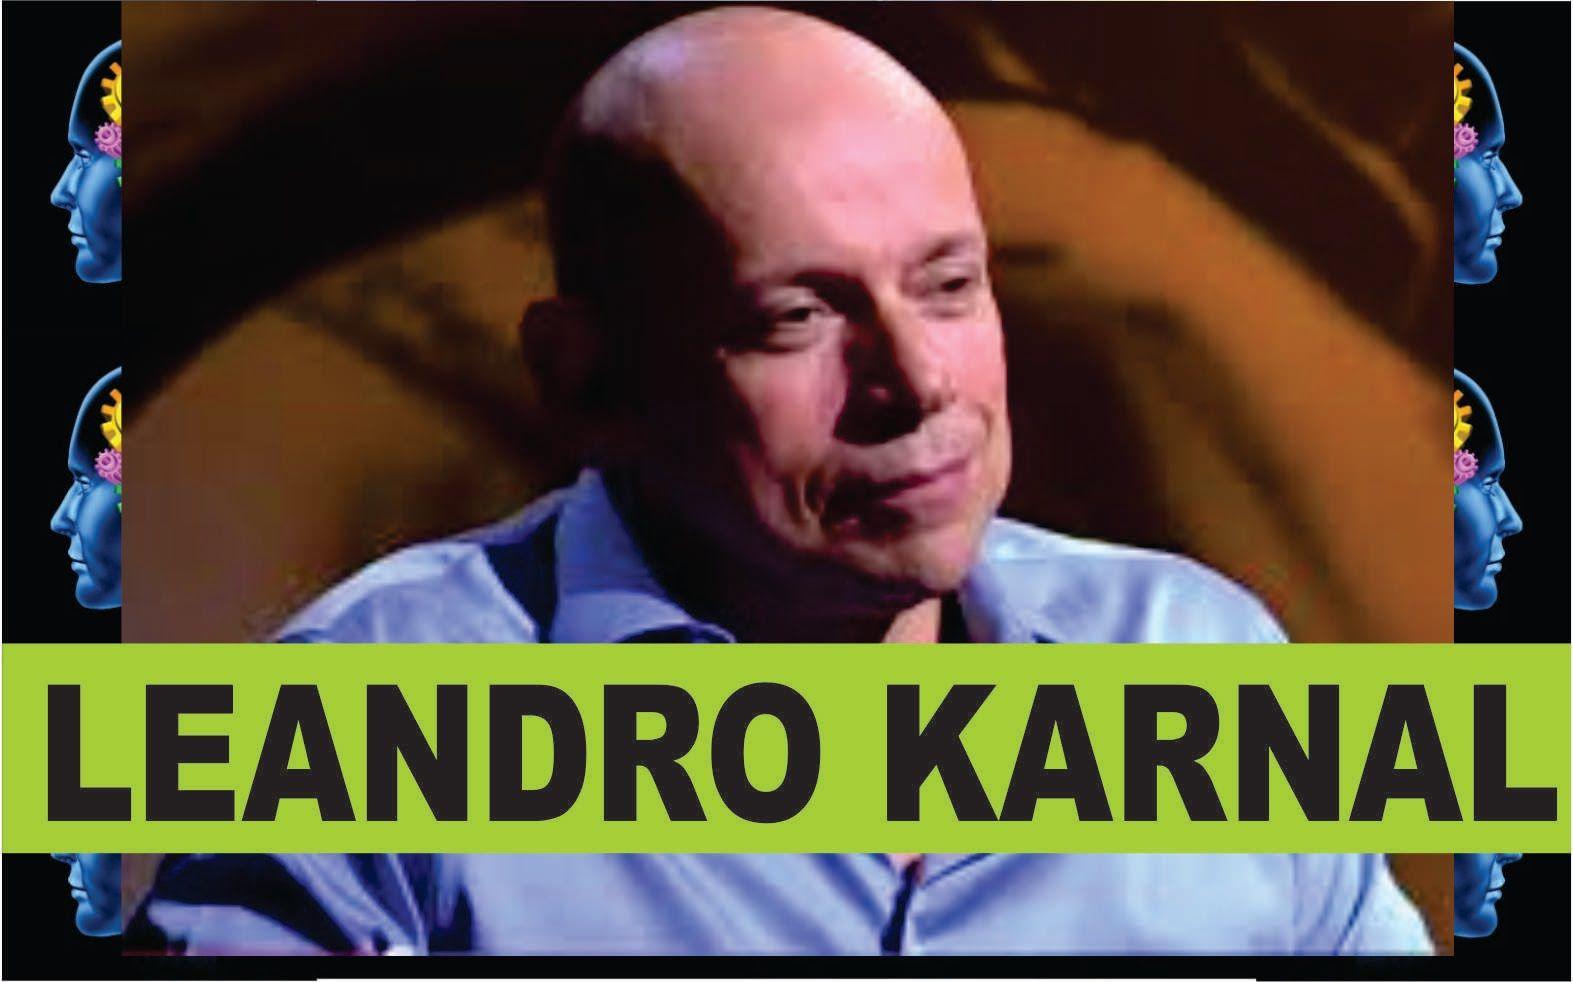 Leandro Karnal - Bipolaridade, Preconceito, Racismo, Ódio Ao Feminino, H...